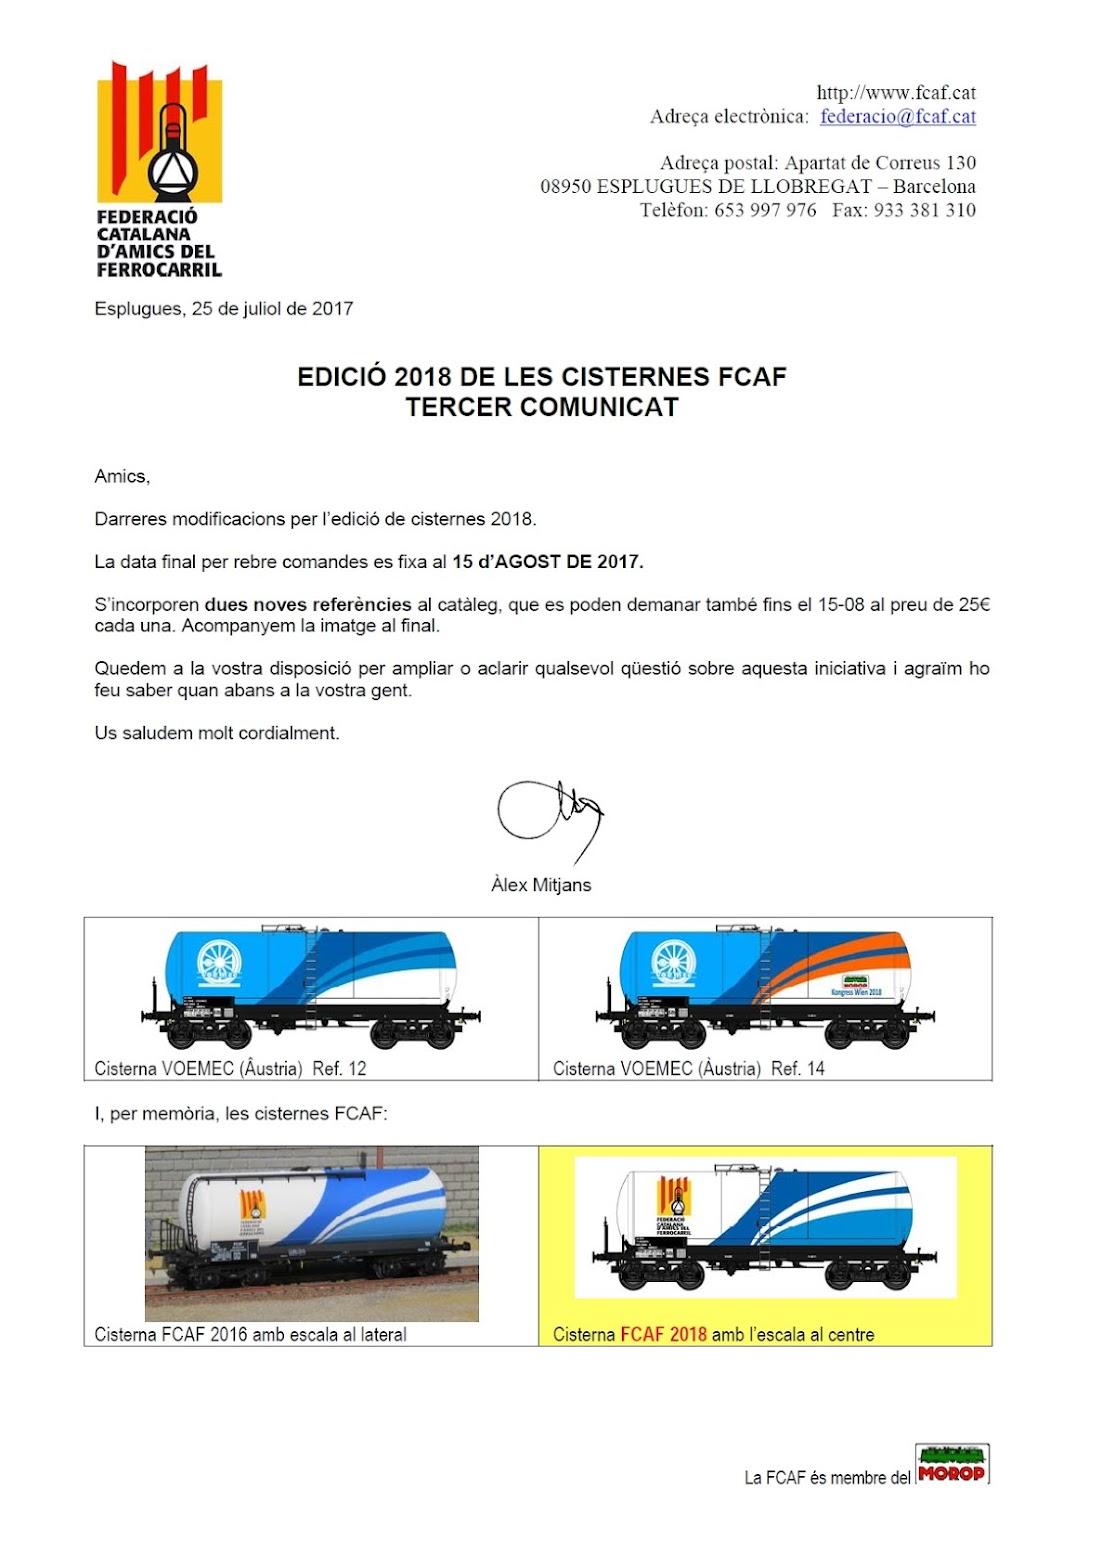 Vagons CISTERNA - FCAF